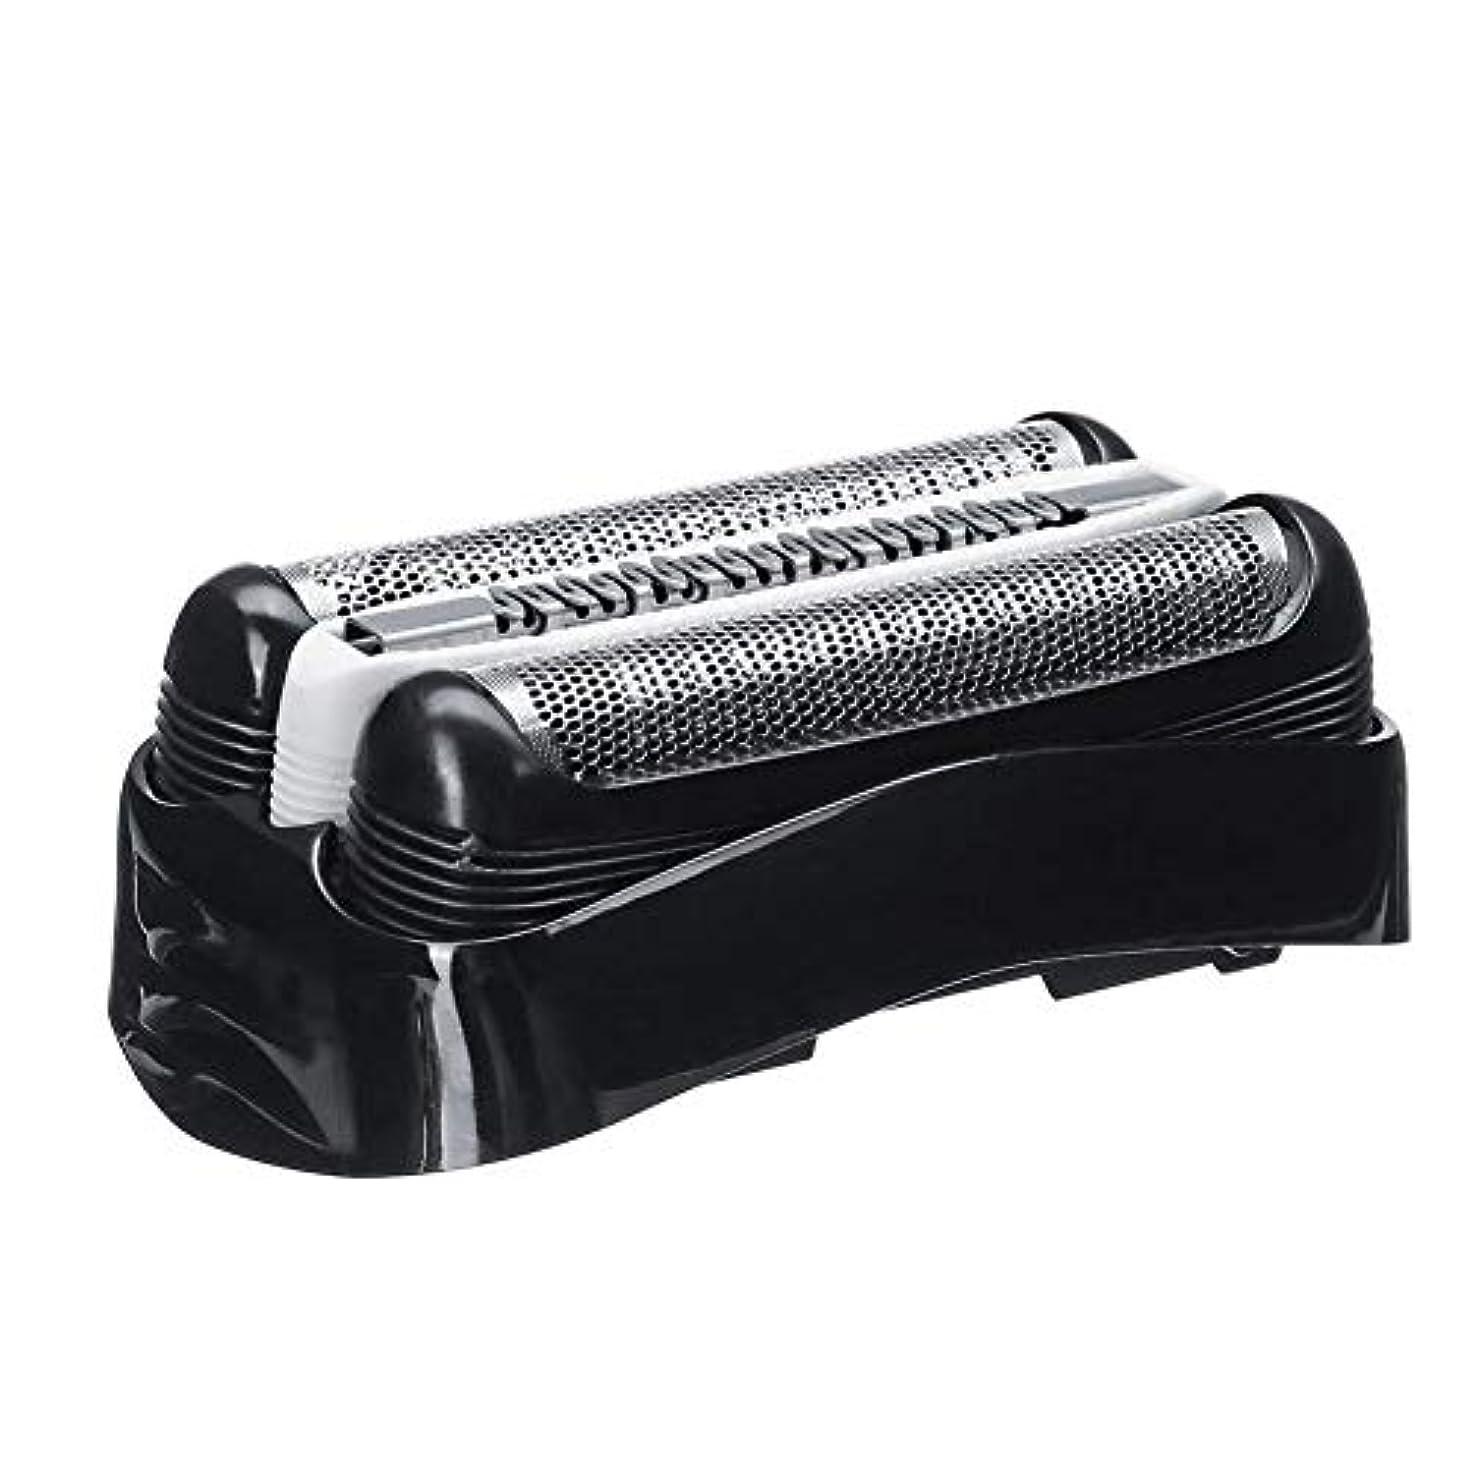 キモい炭素シュリンクシェーバー替刃 メンズシェーバー用 セット刃 シェーバー交換部品 電気シェーバー交換ヘッドカミソリアクセサリ for Braun 3 series